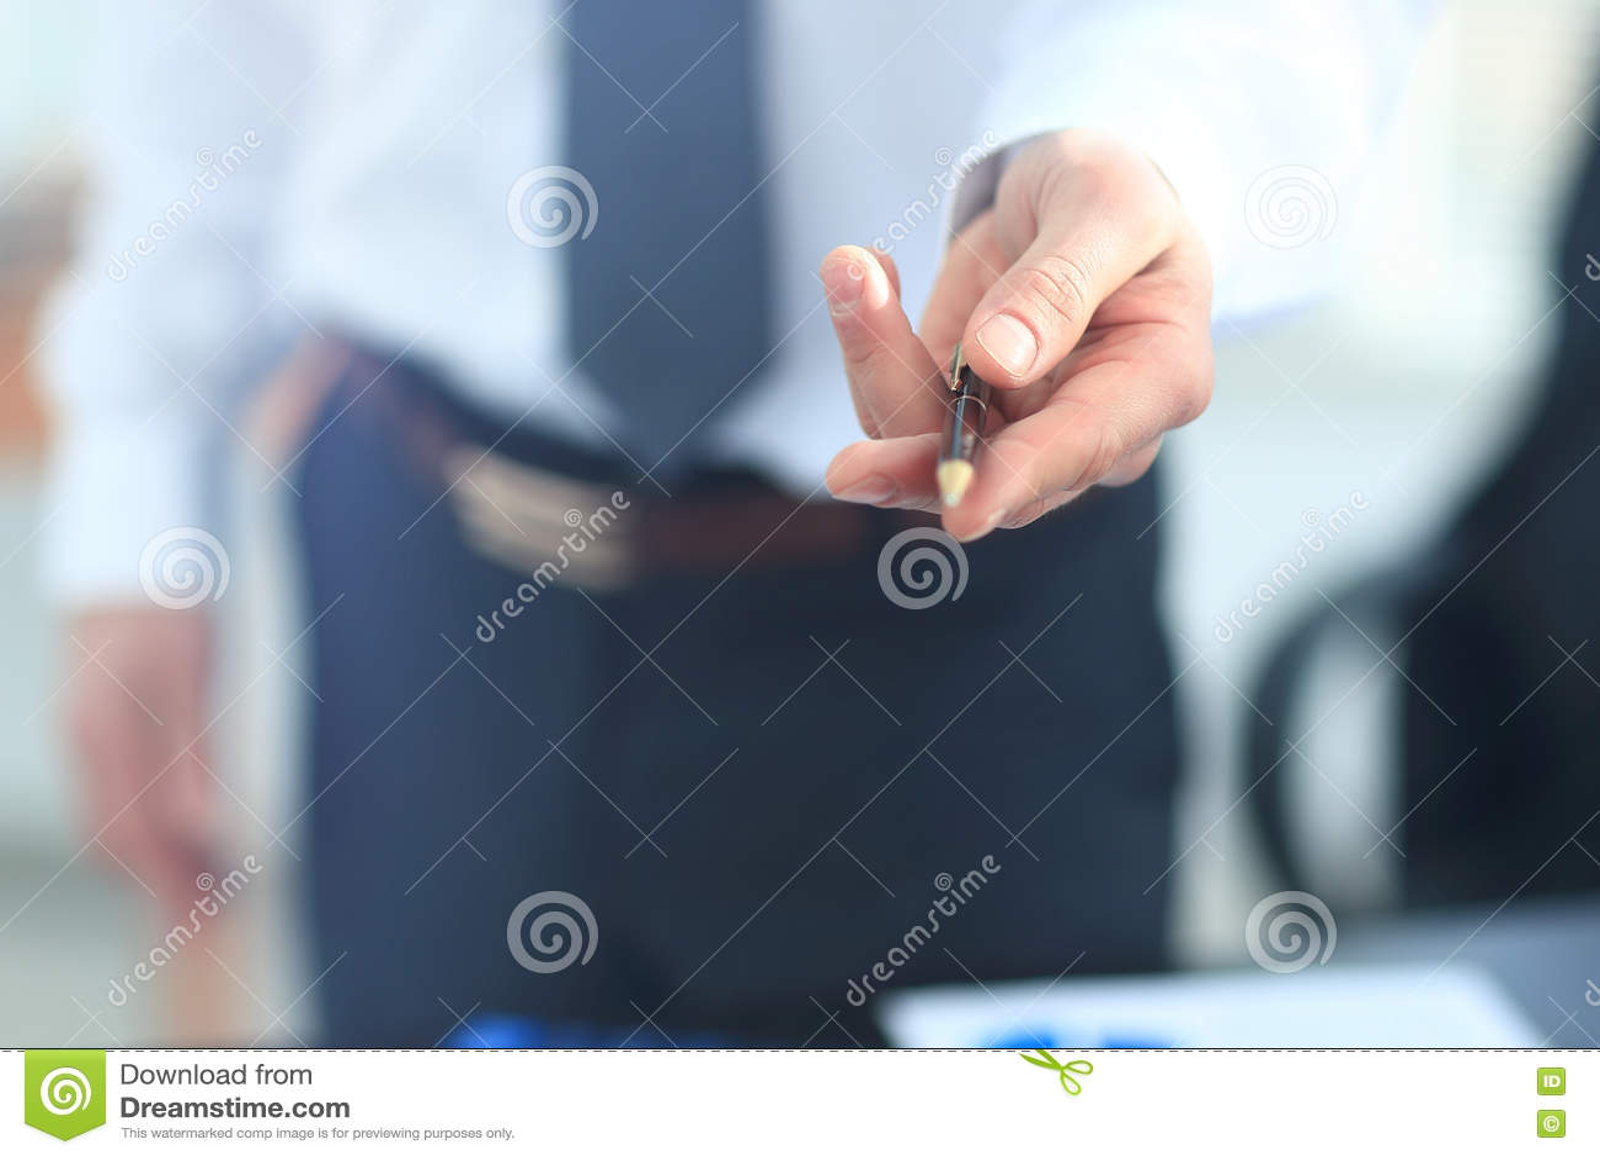 Предложения агента для подписания нового контракта